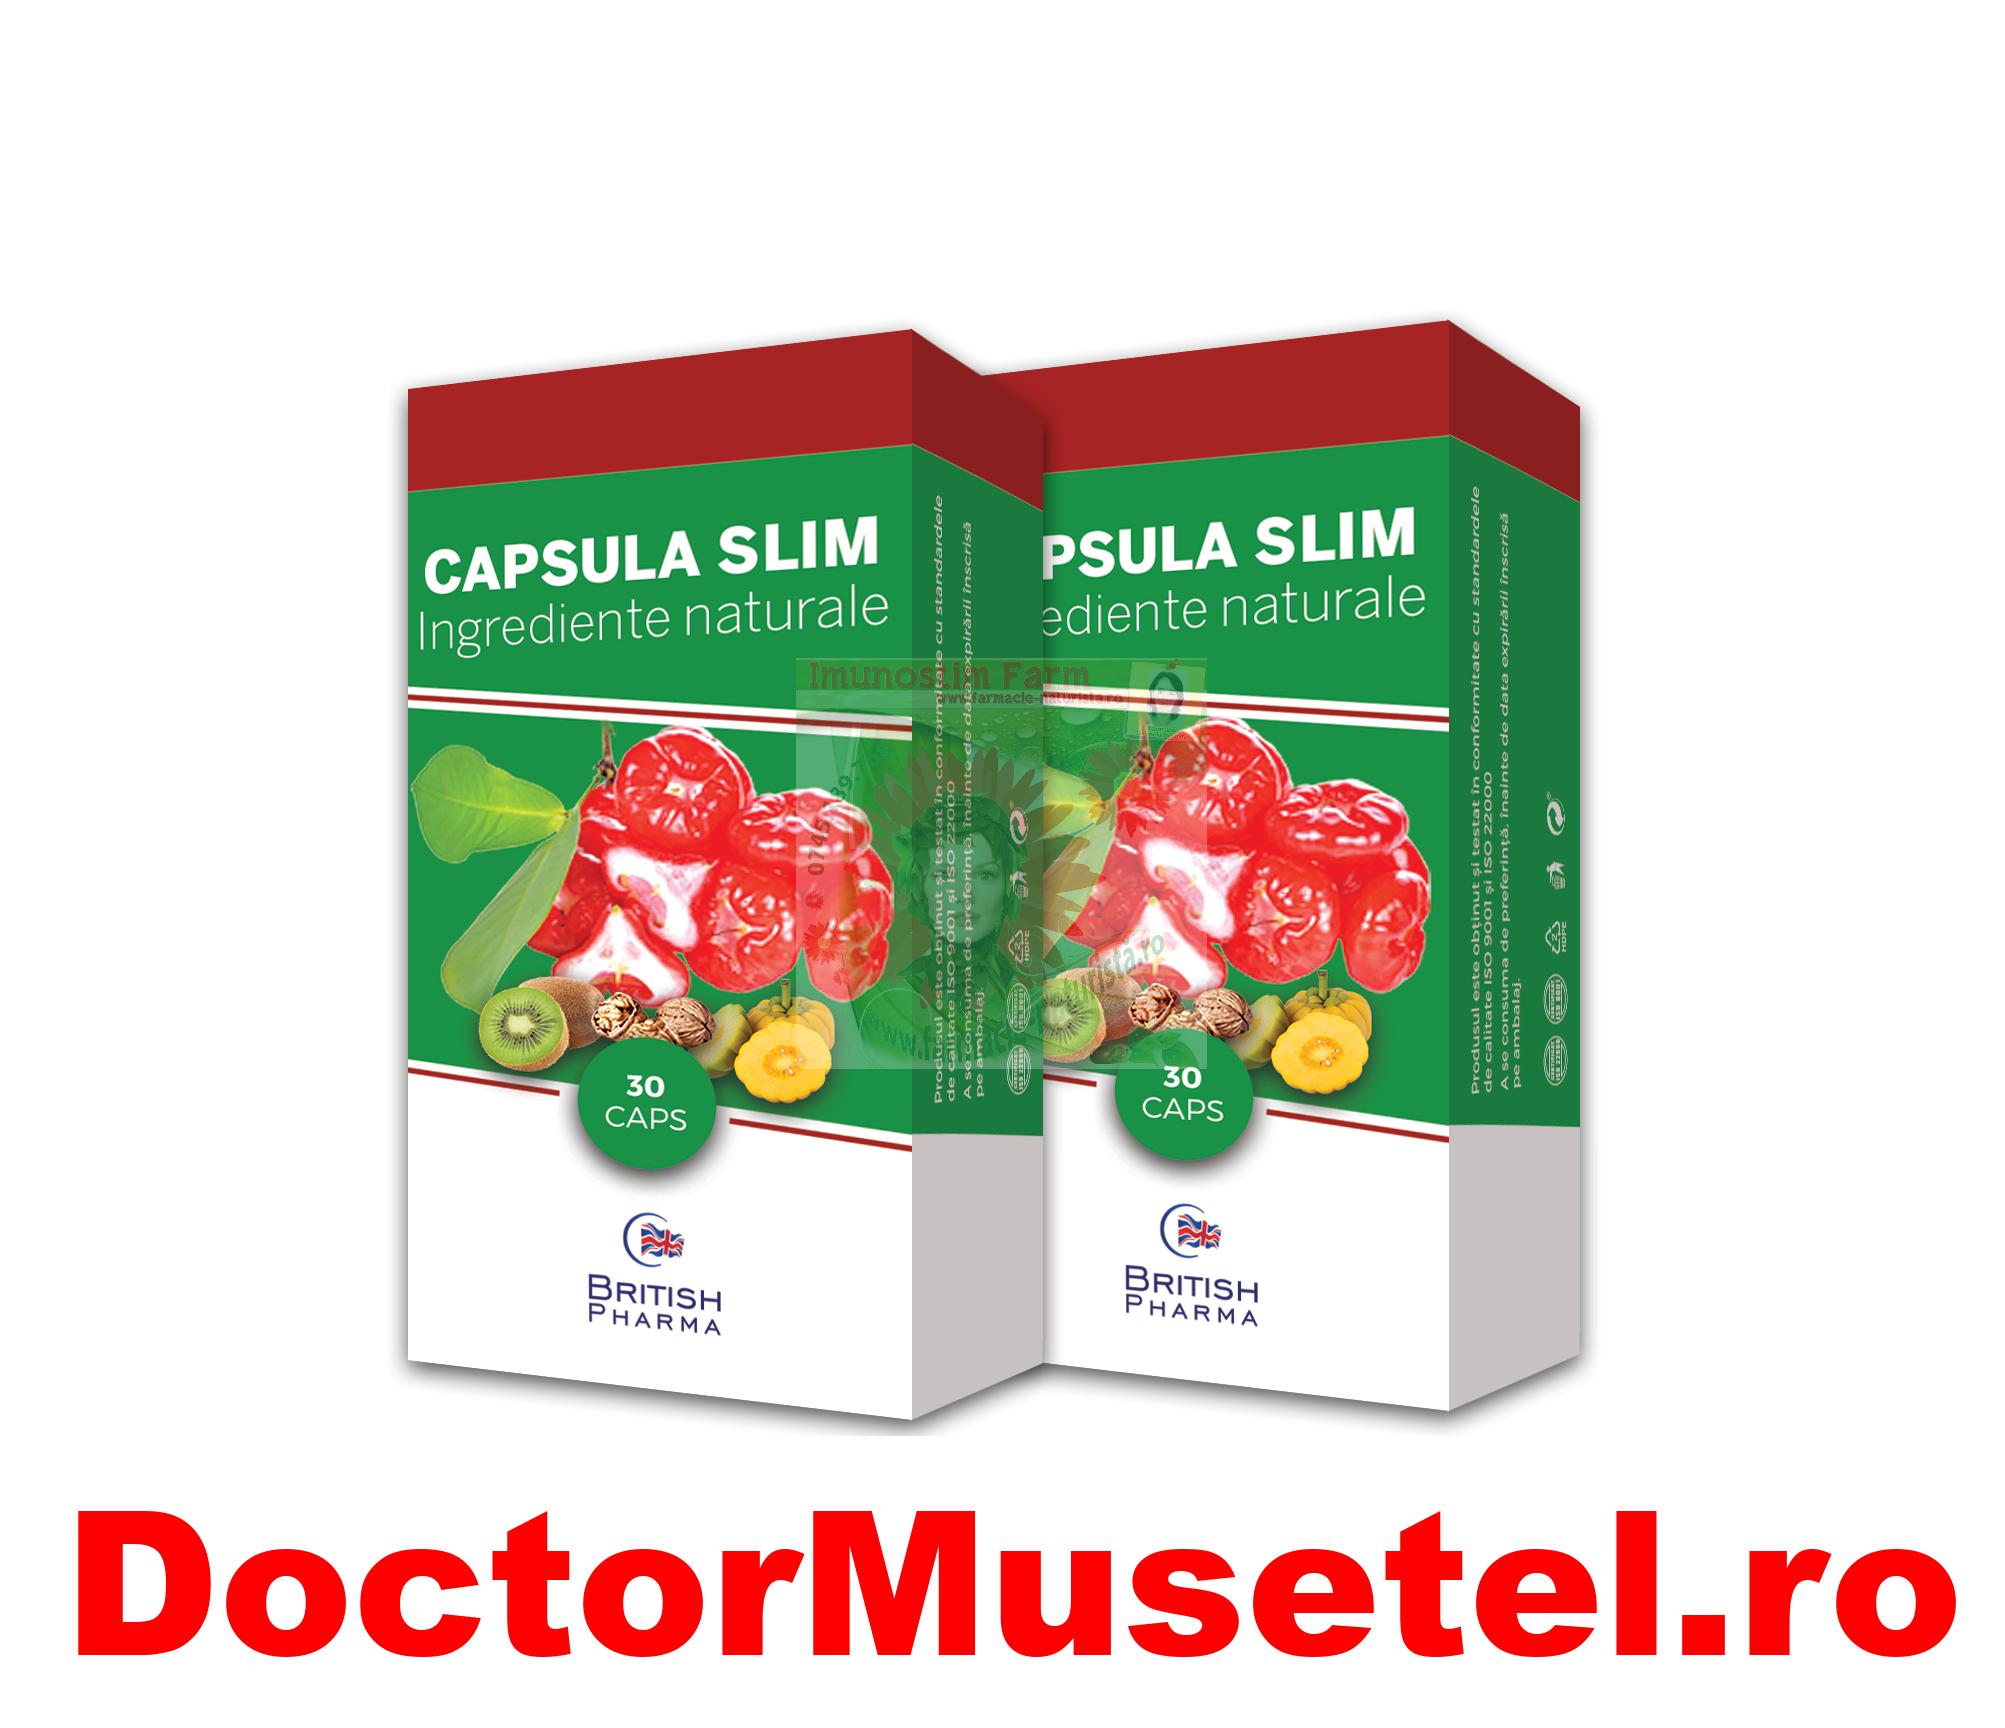 capsula-slim02-35367.png